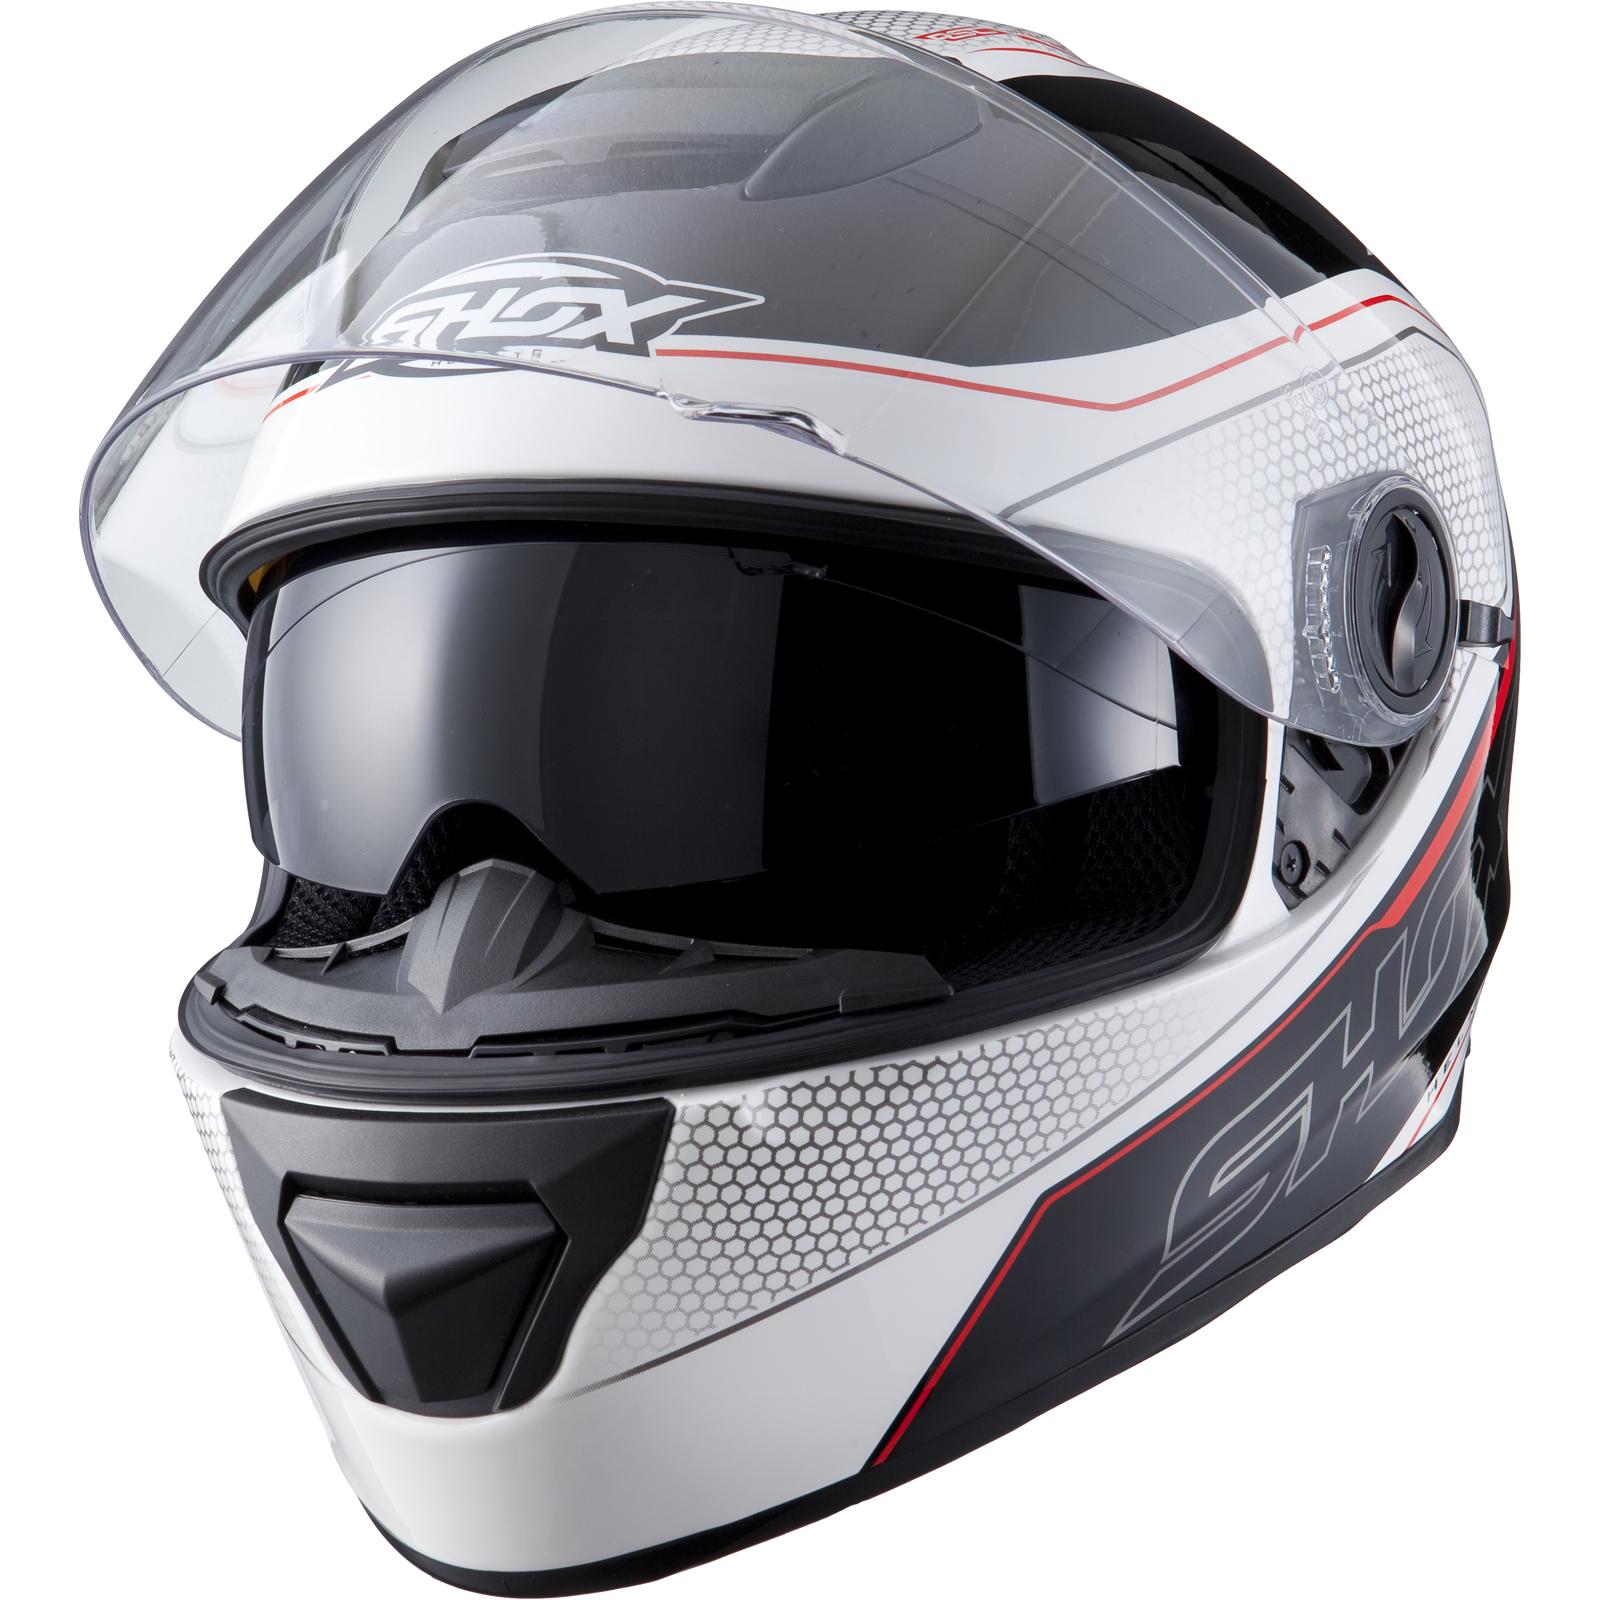 Shox Assault Tracer Integral Motorrad Helm